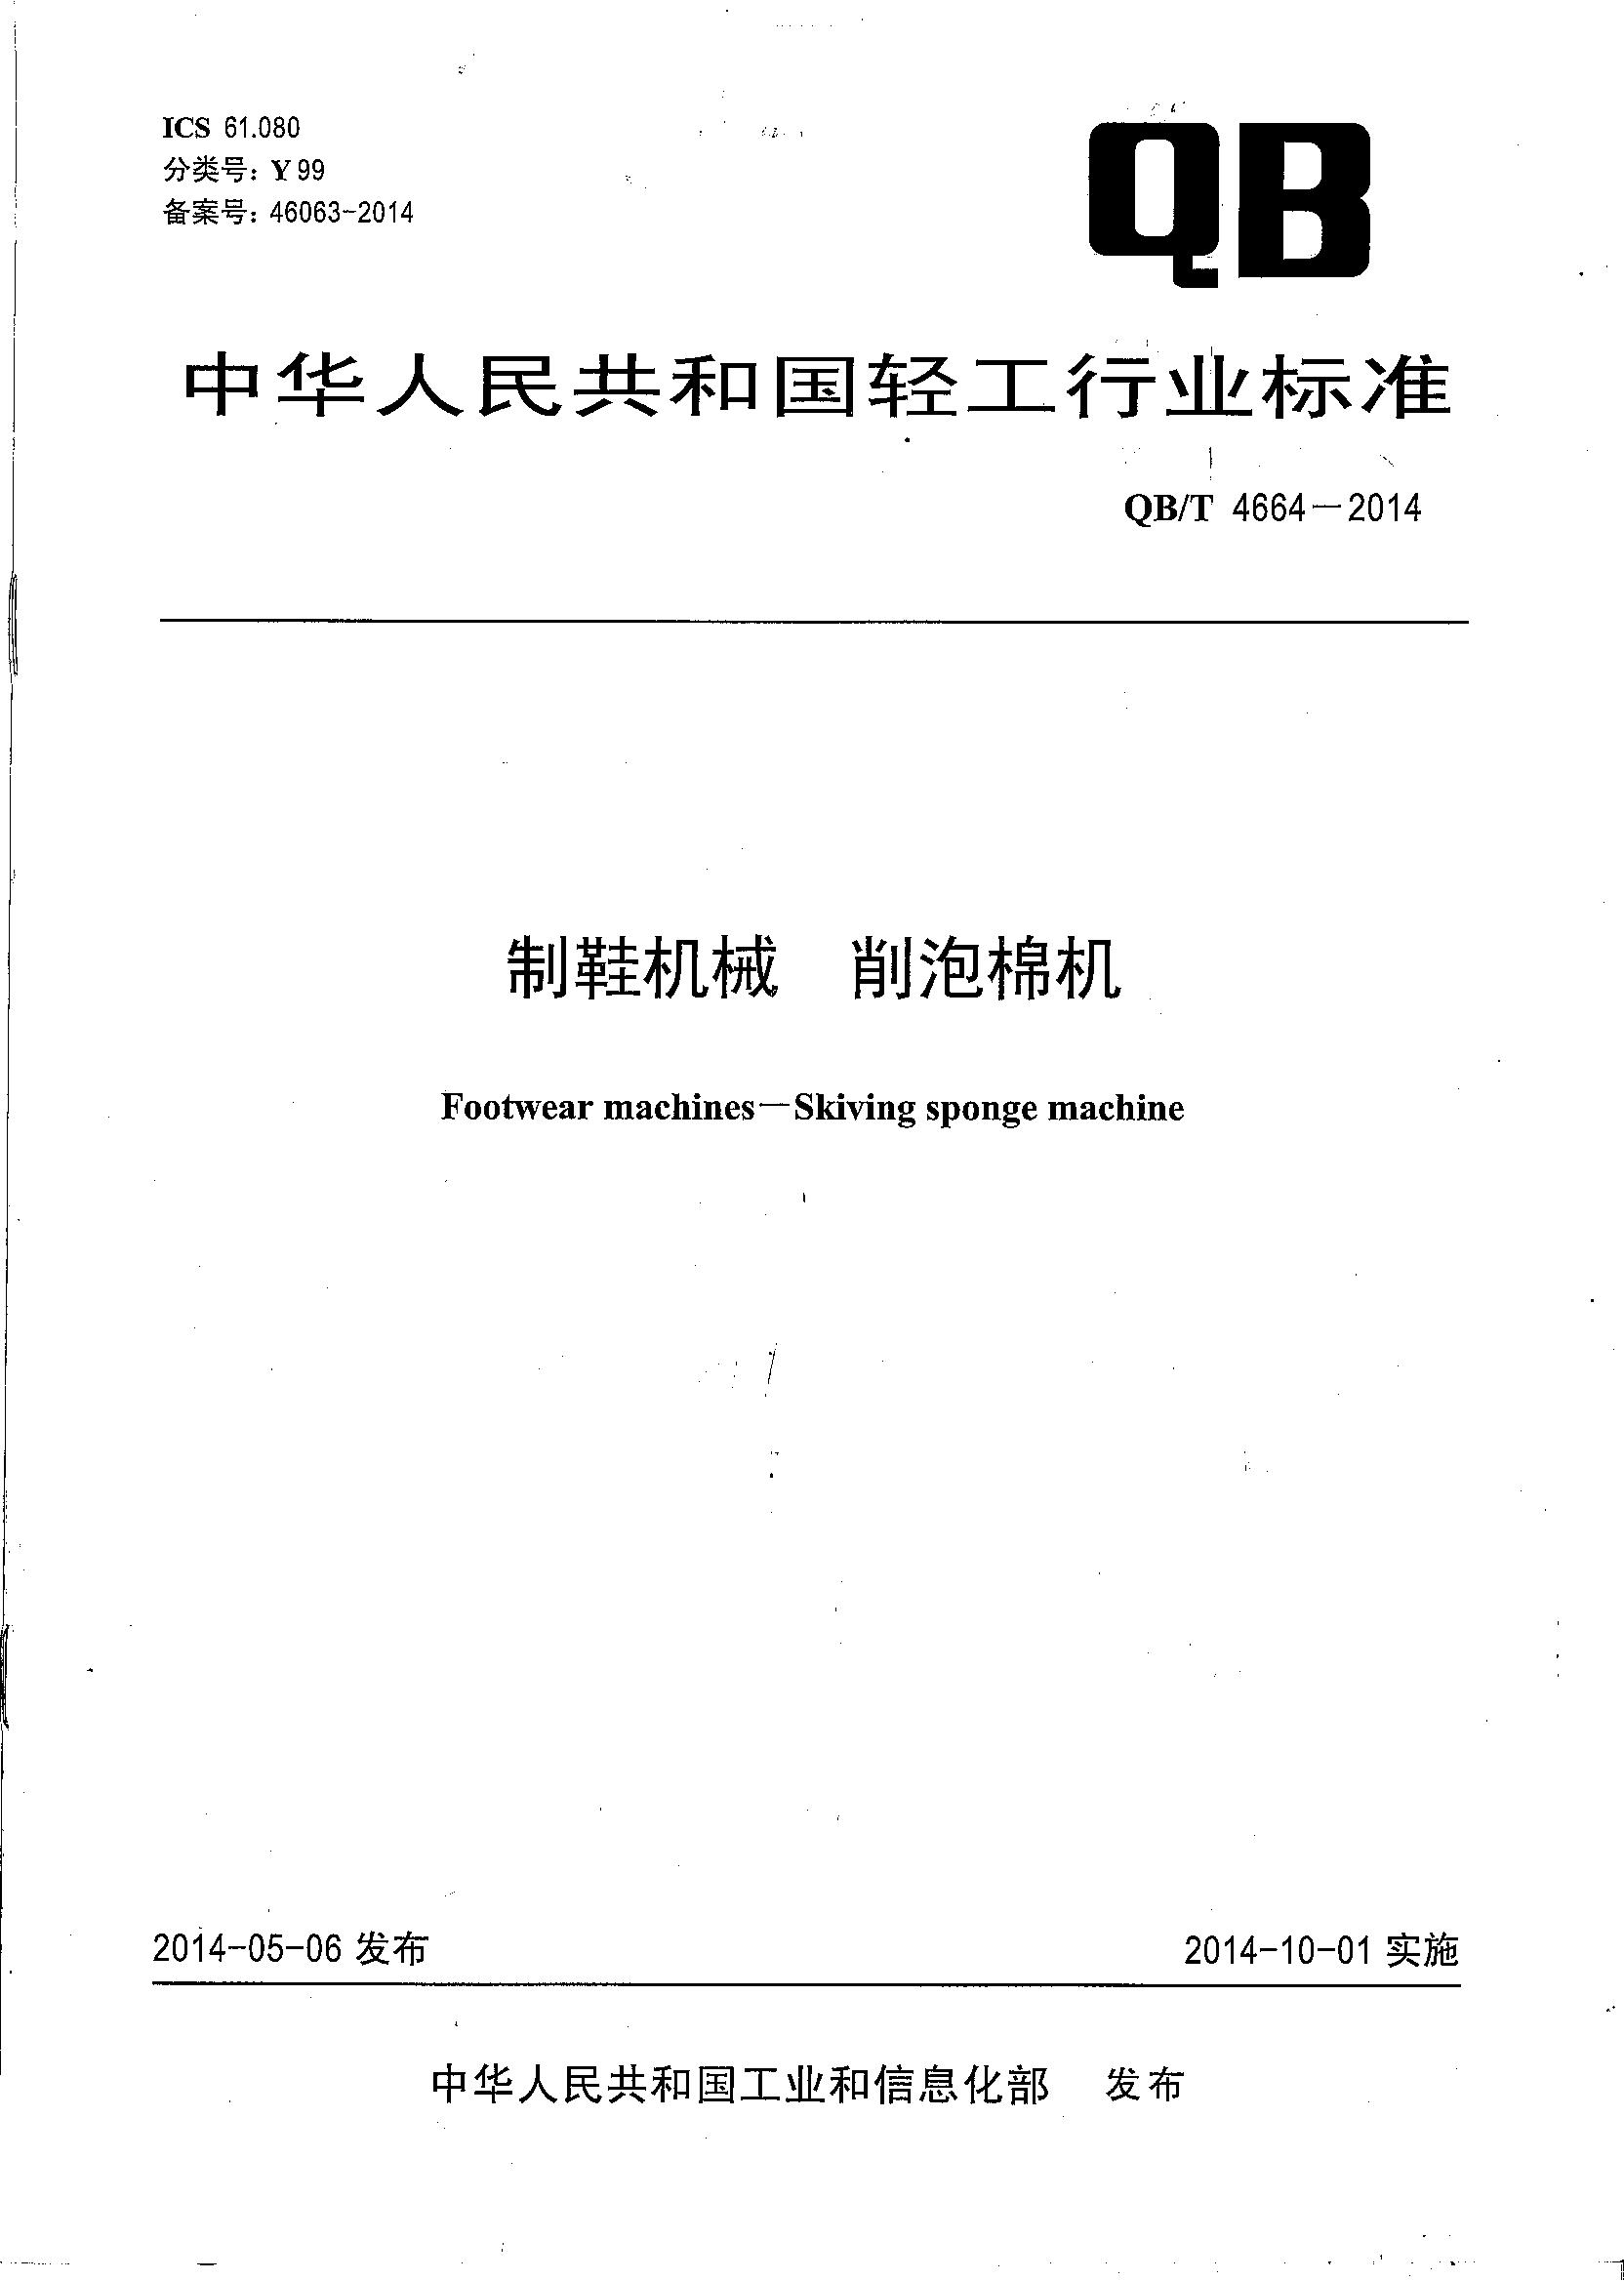 削泡棉机-行业标准证书